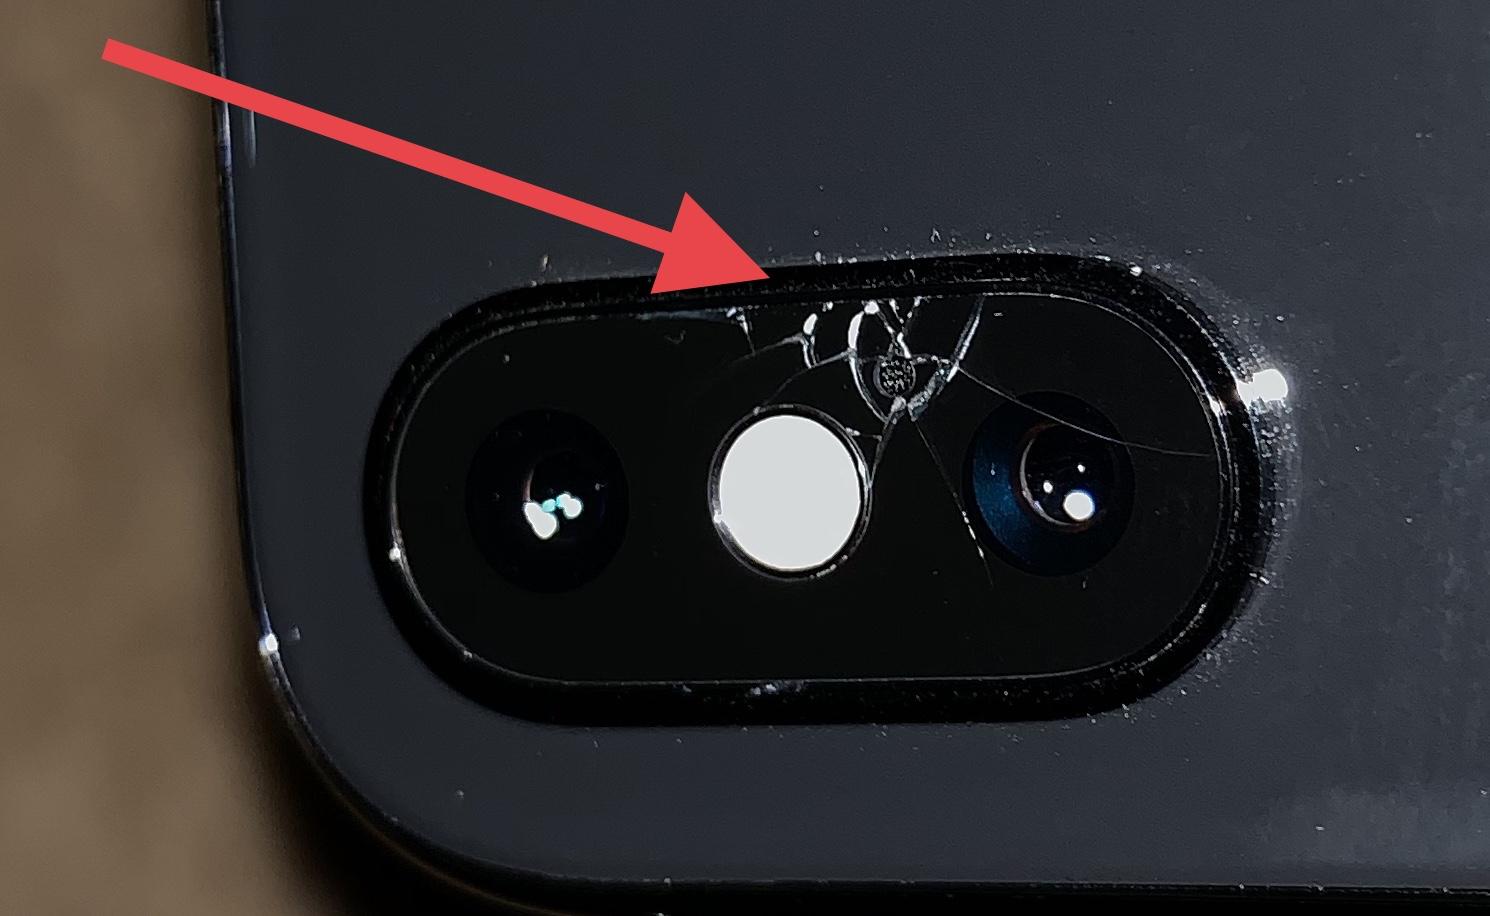 Срочный ремонт и замена камеры телефона!